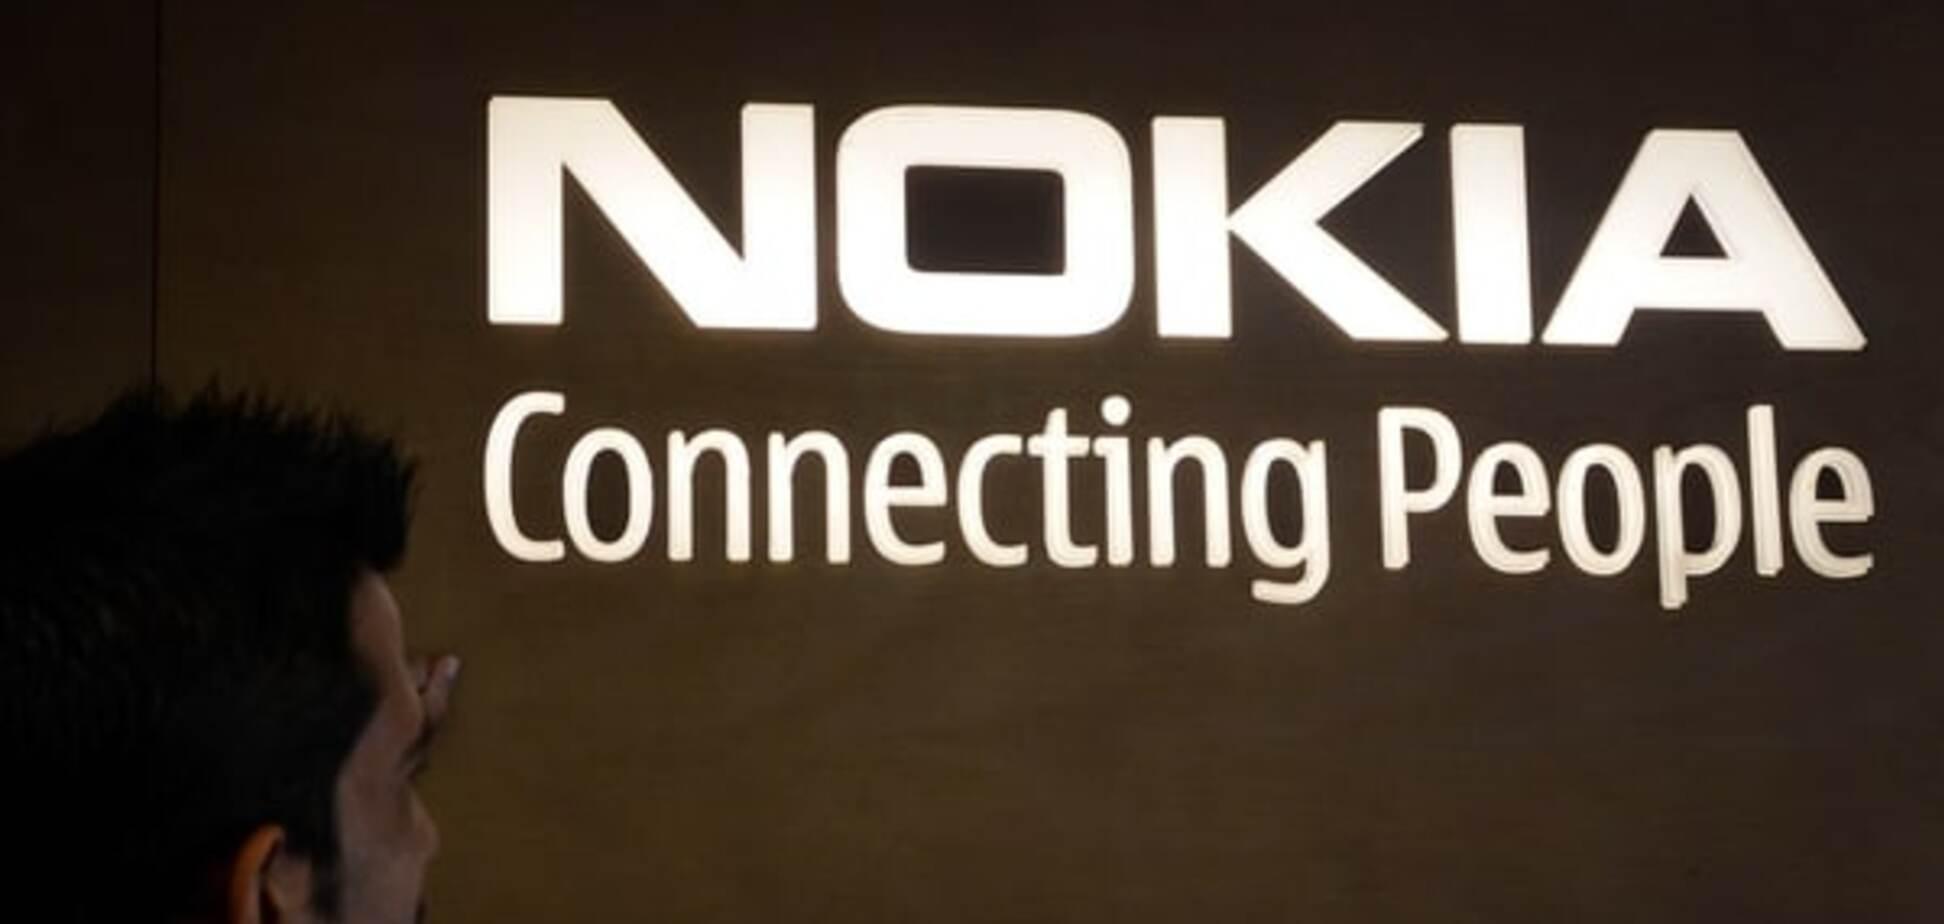 Легенда повертається: опубліковано перше фото смартфона Nokia